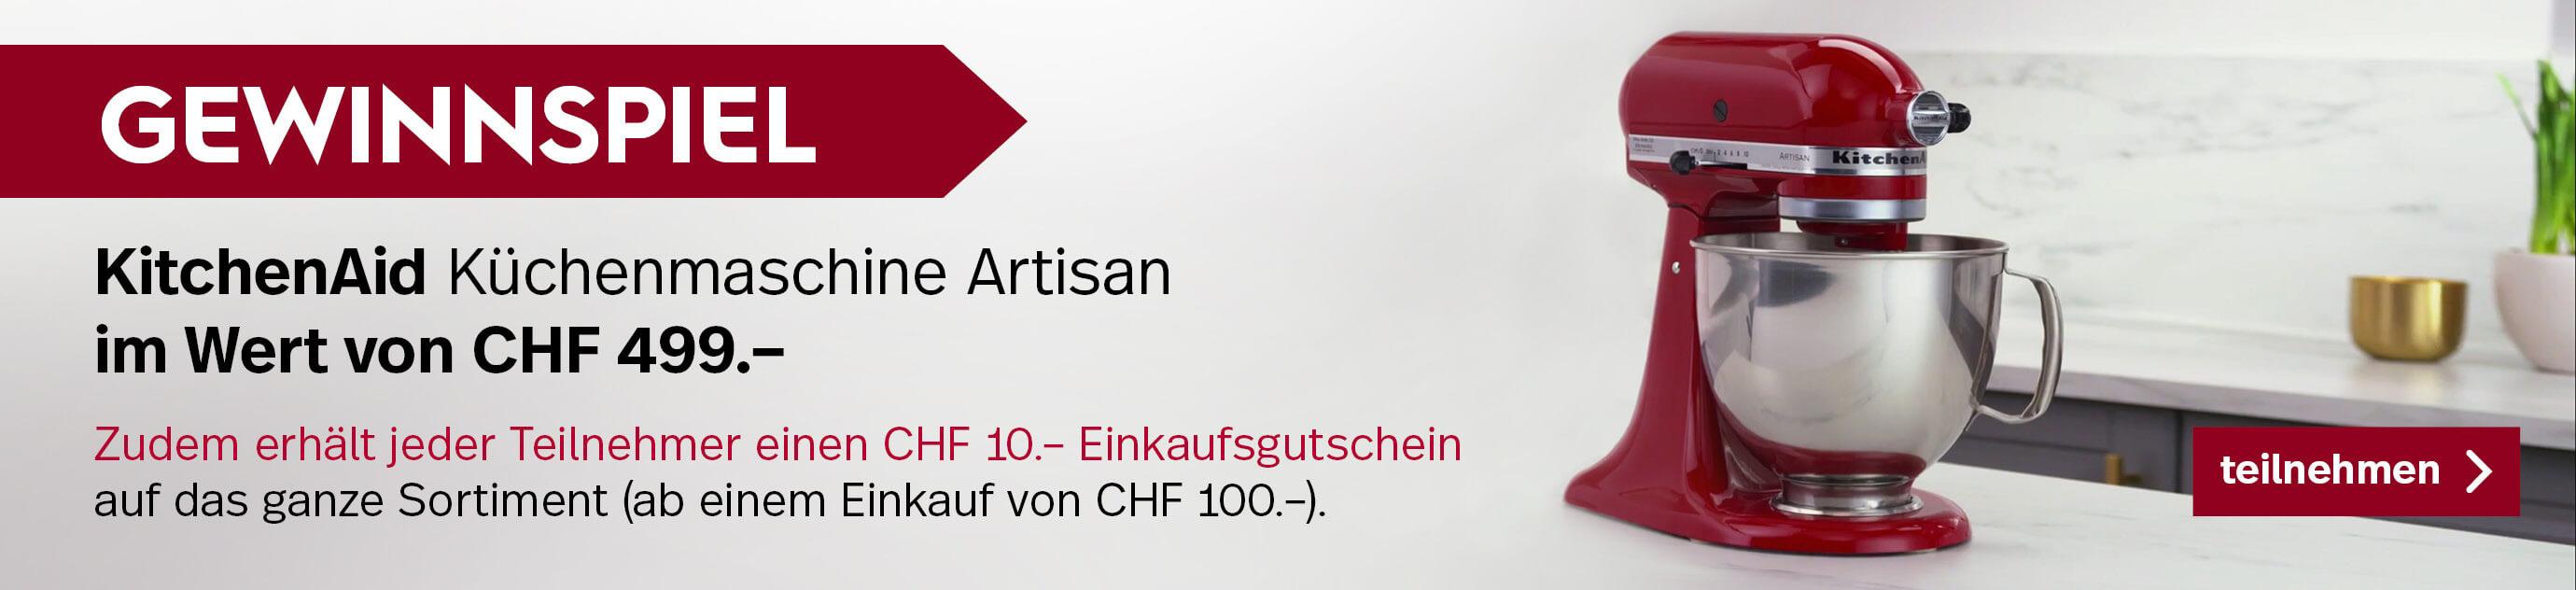 Atemberaubend Deutsch Marken Küchengeräte Galerie - Küche Set Ideen ...